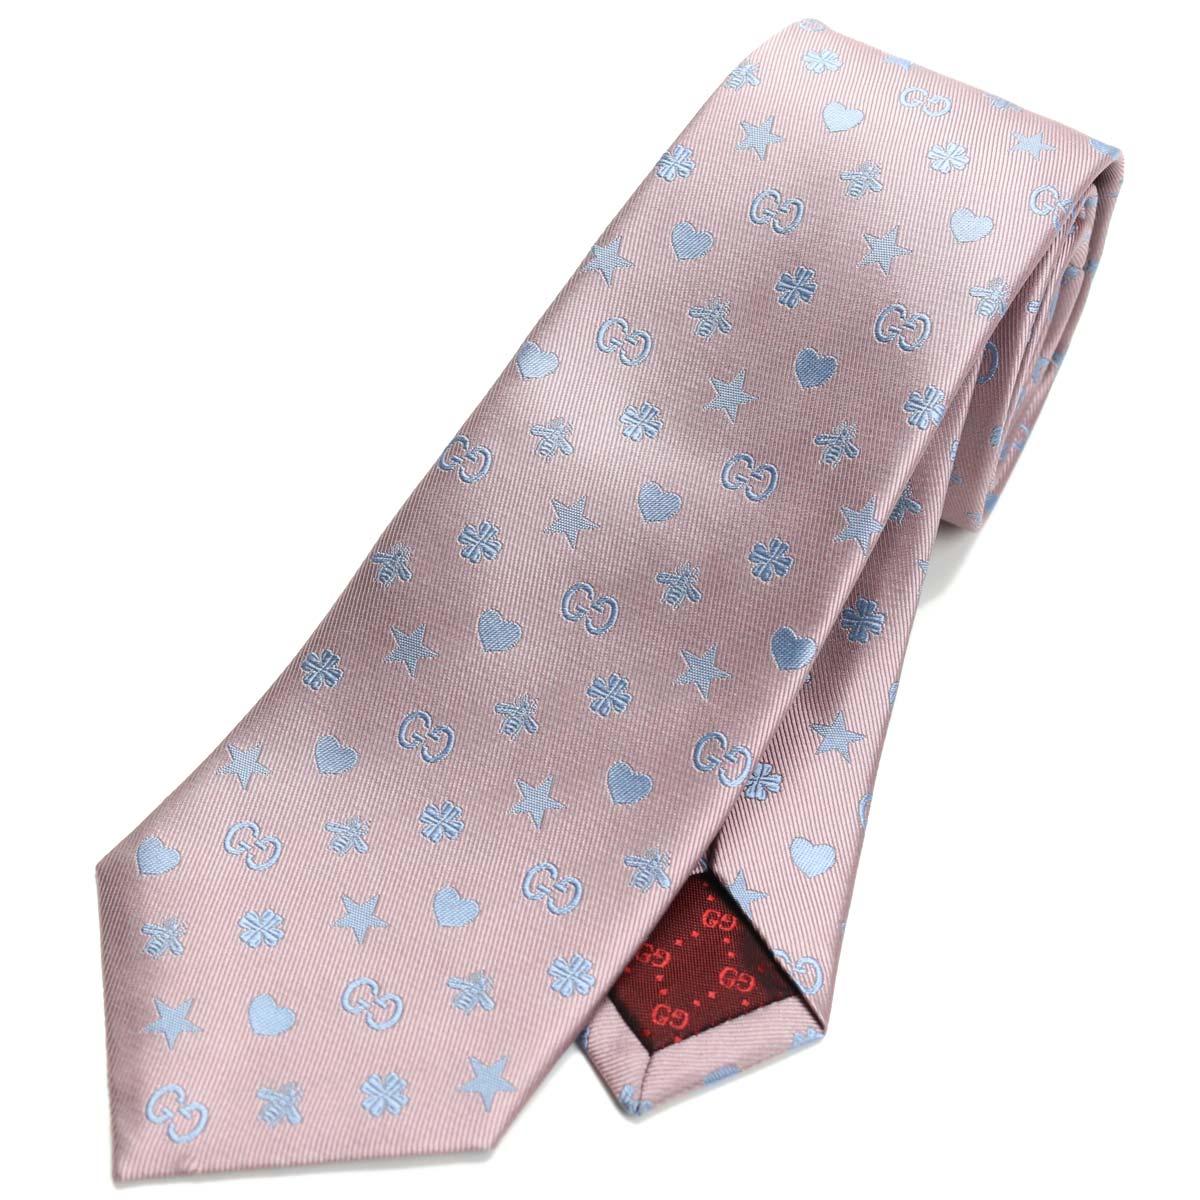 グッチ GUCCI シンボル刺繍 ネクタイ ナロータイ 545834 4E017 5869 ピンク系、グレー系 【メンズ】